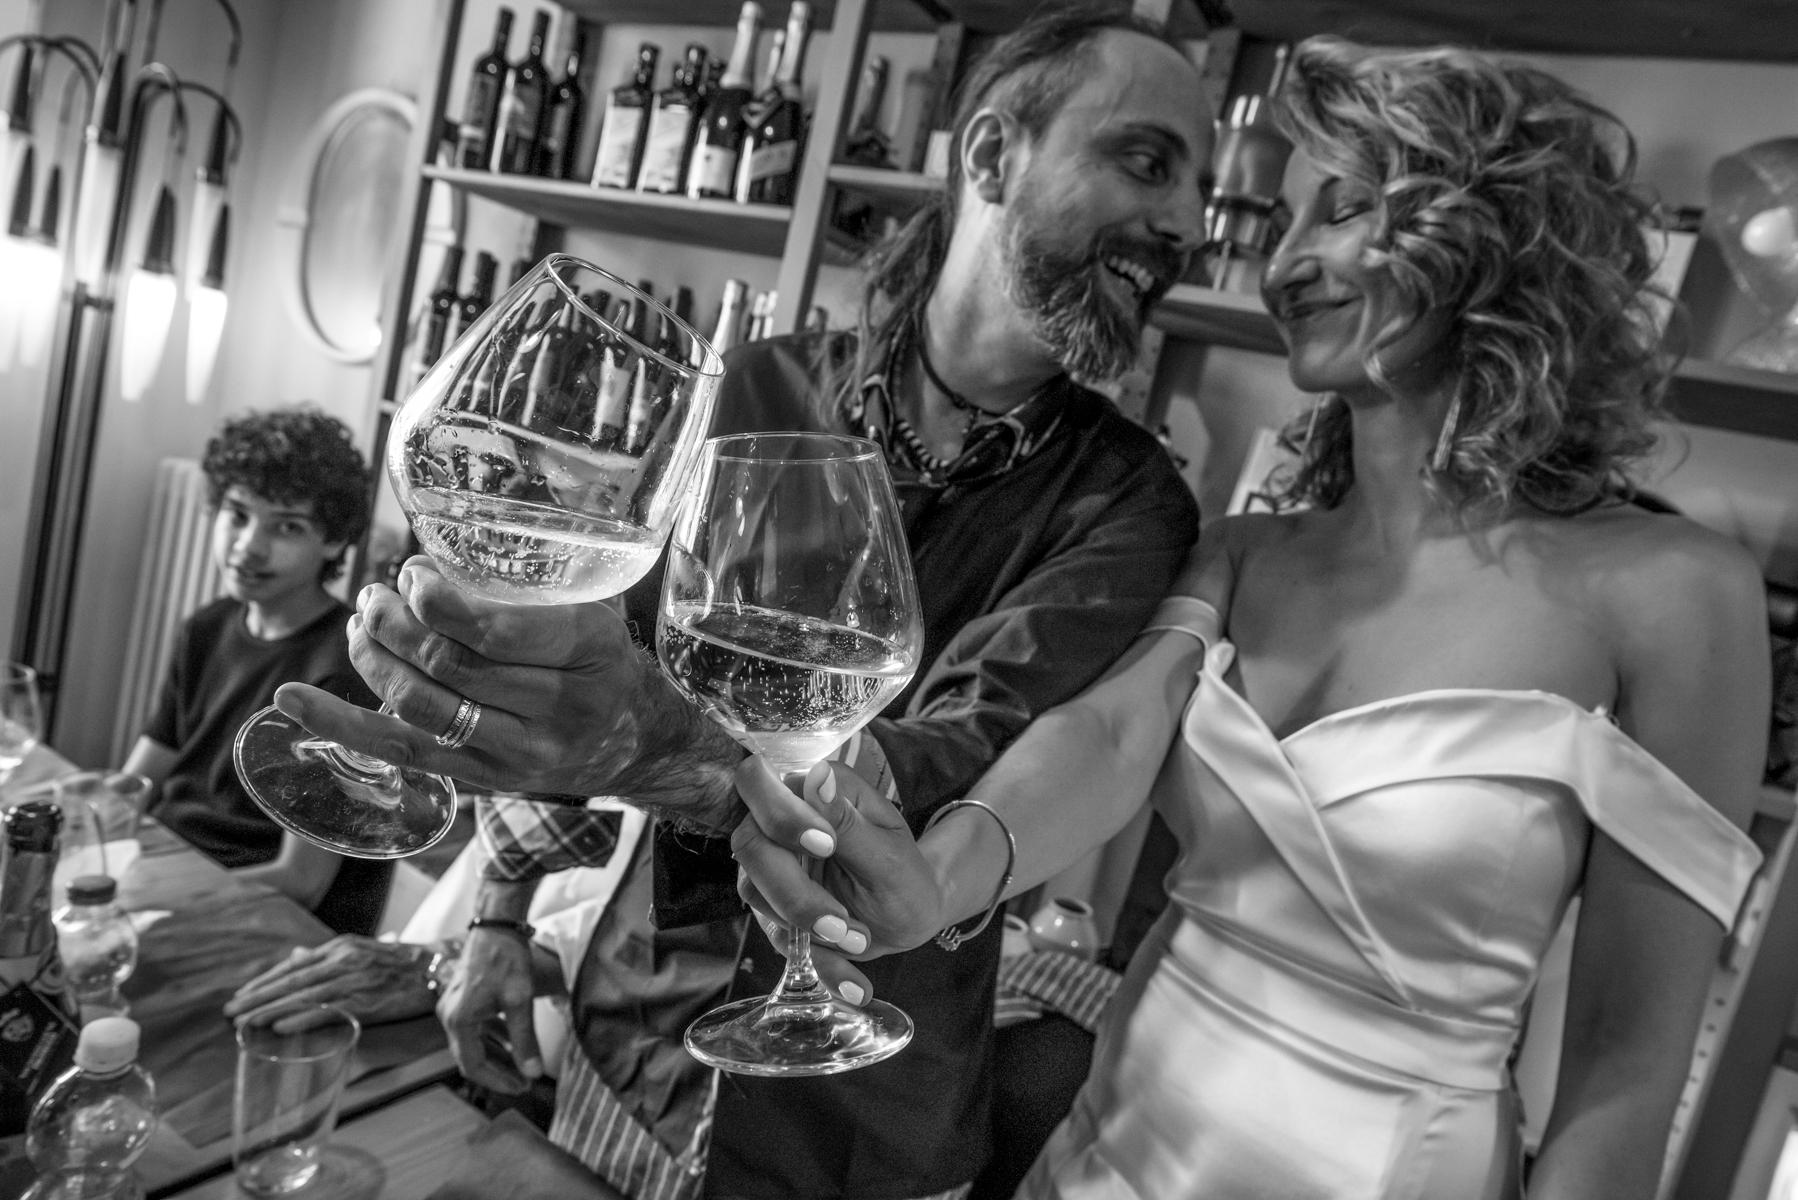 Pizzeria Càrme - Fontanellato - Parma - Italien. Nachdem ich mit den anderen zehn Gästen geröstet habe, wendet sich das Paar an mich und widmet mir einen persönlichen Toast.